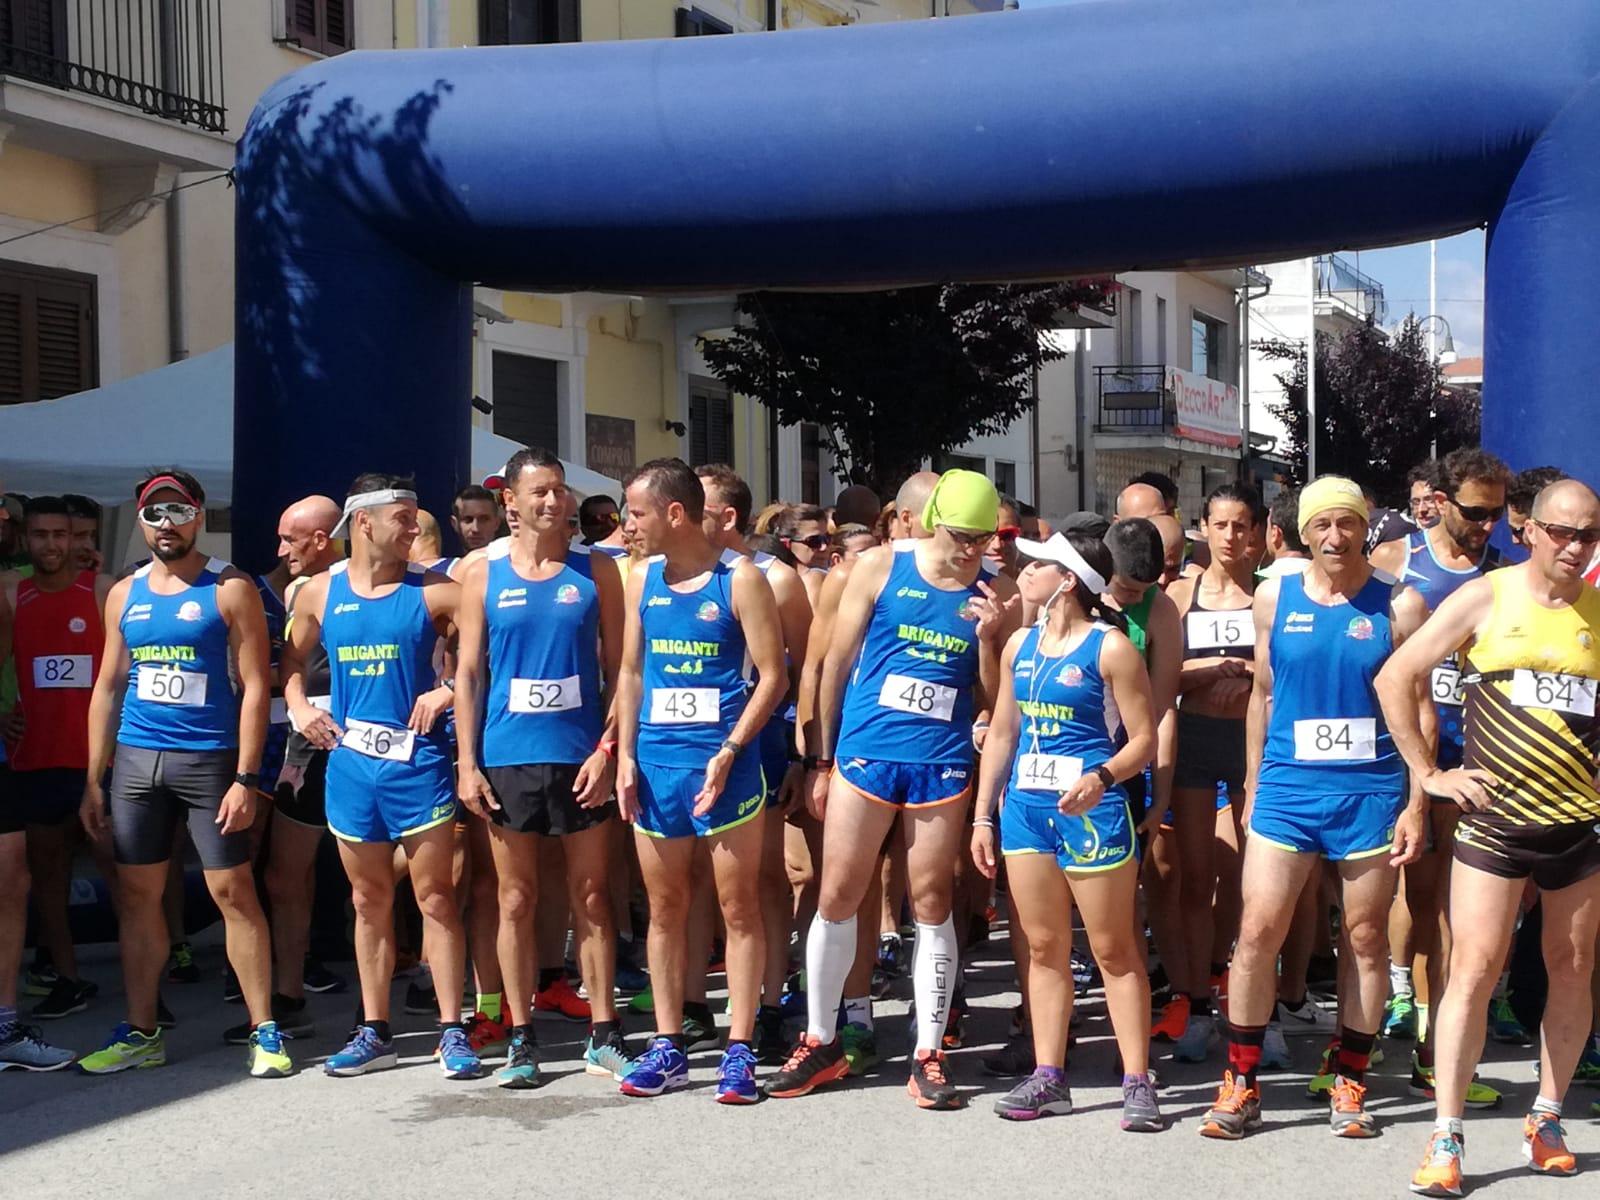 Successo della Corrimarruvium,110 atleti si sono sfidati sulle strade dell'antica Marruvium